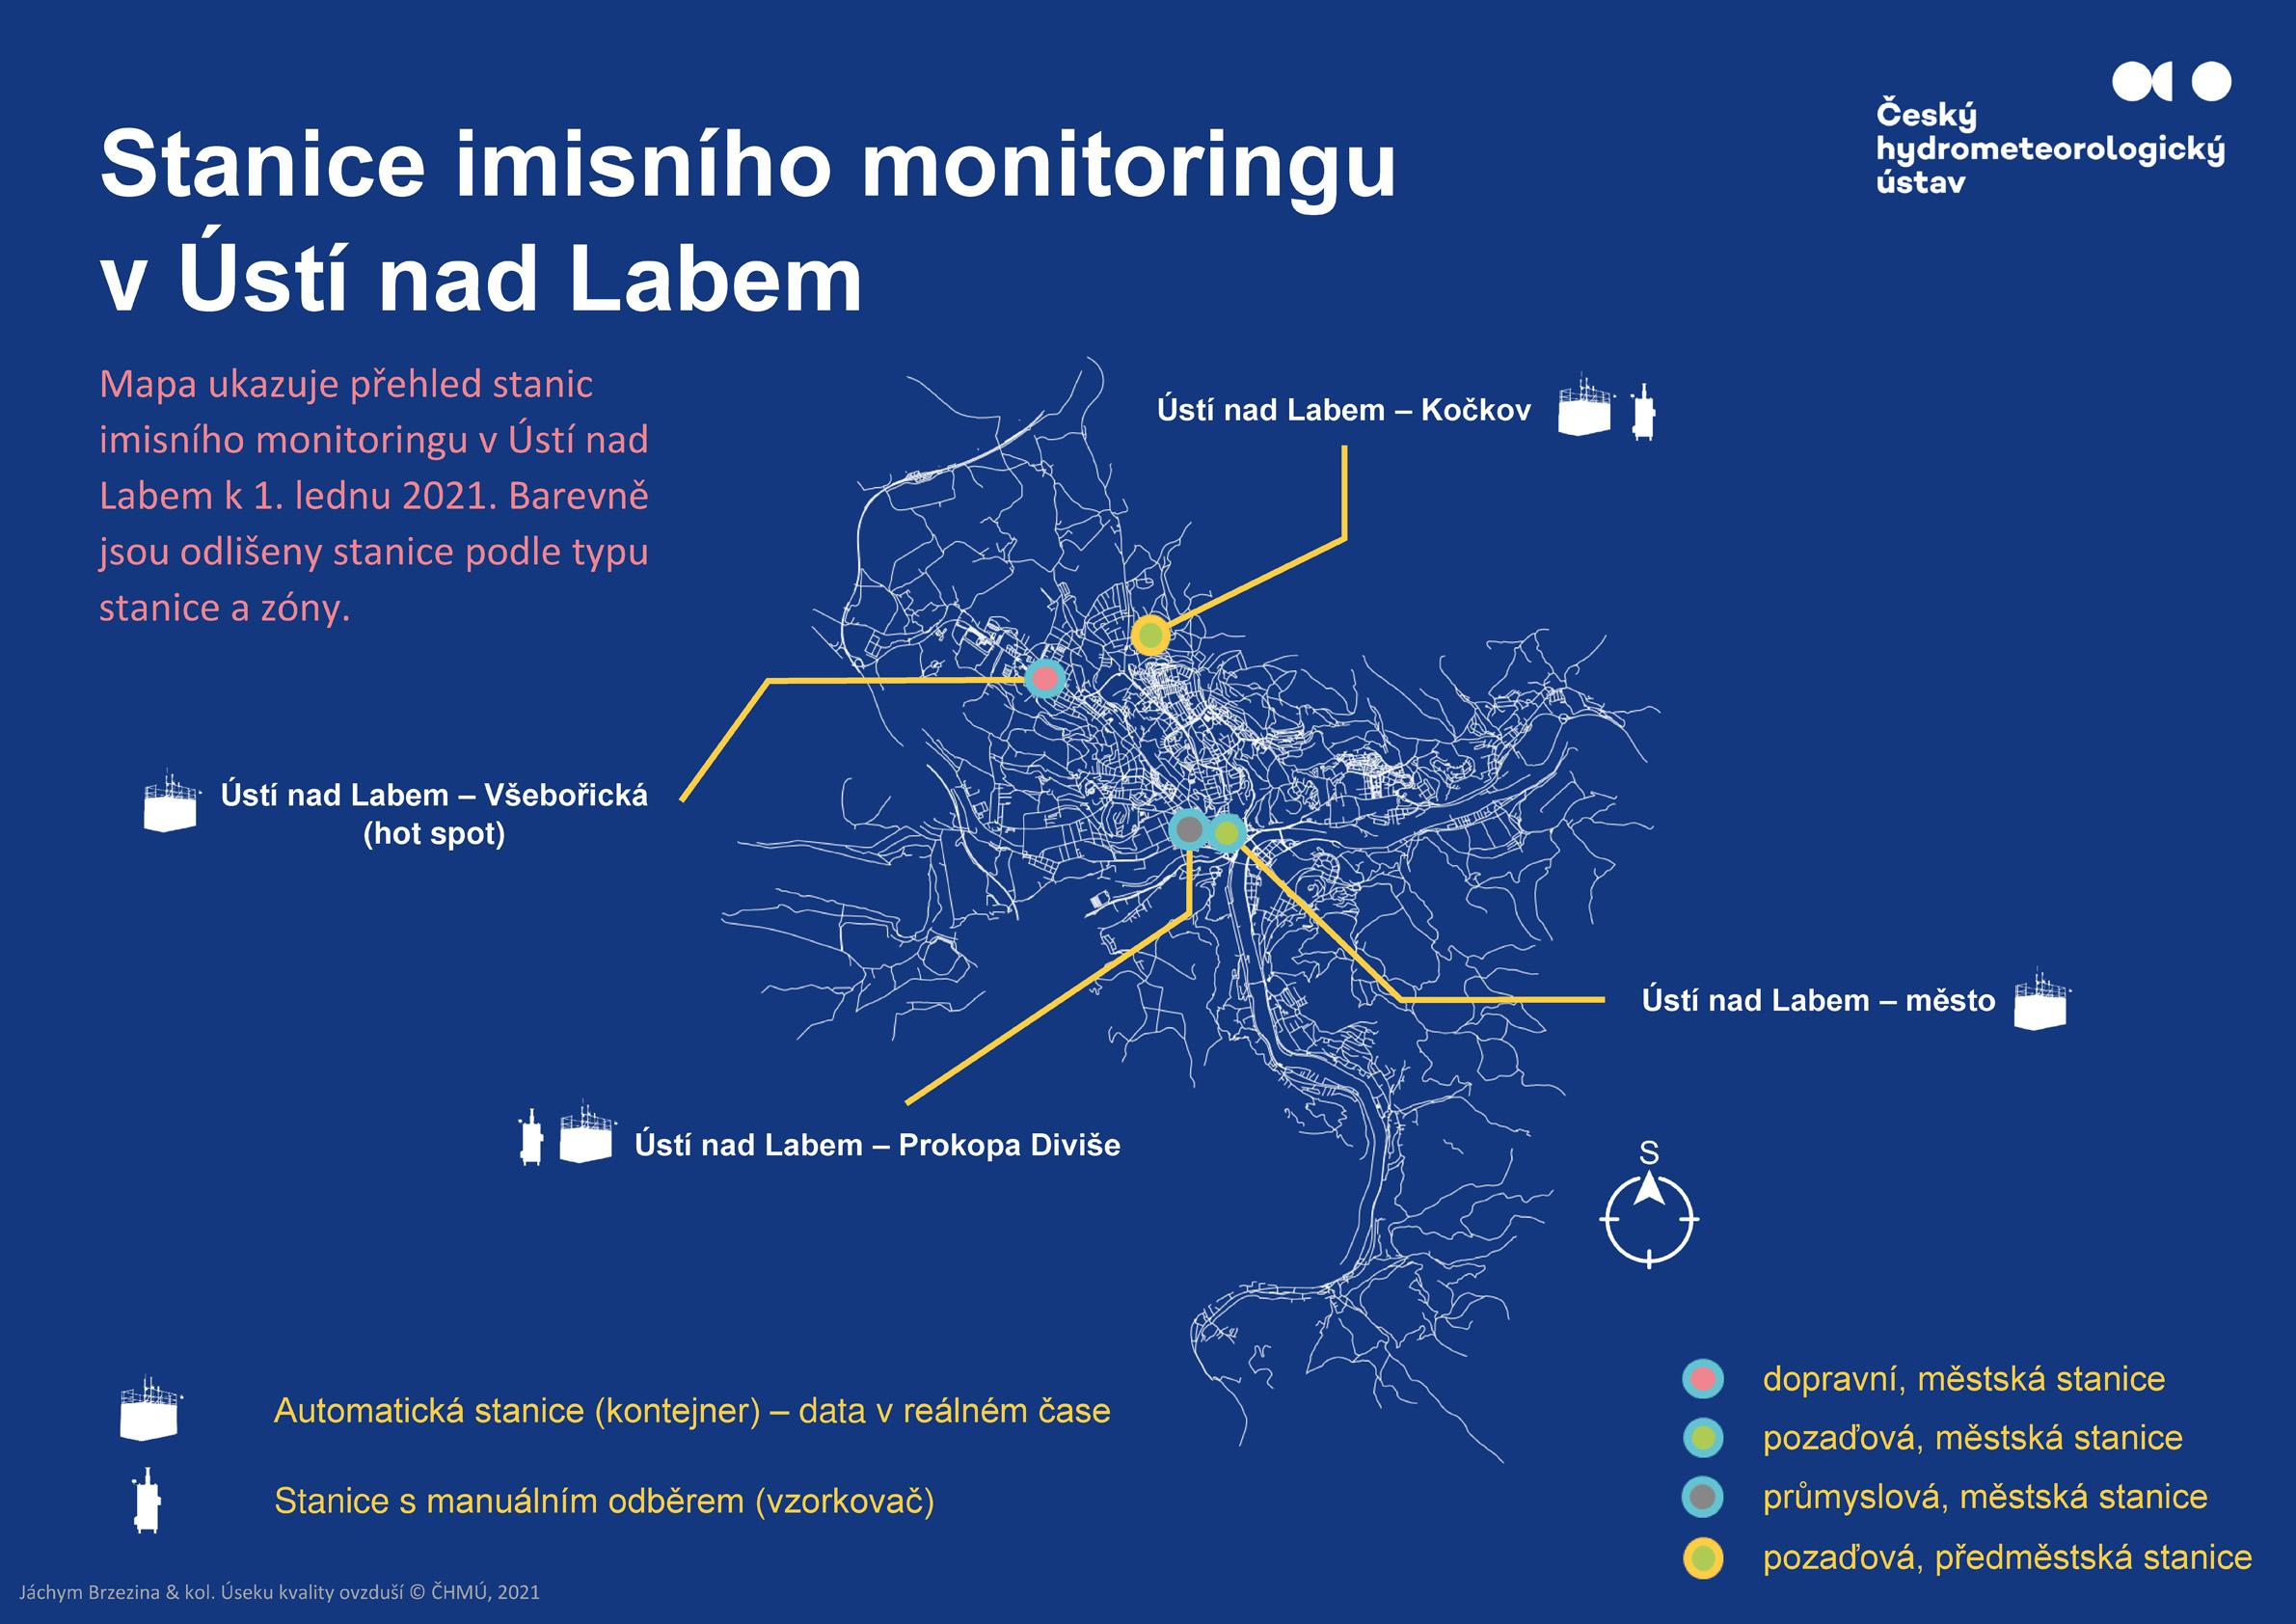 Stanice imisního monitoringu v Ústí nad Labem